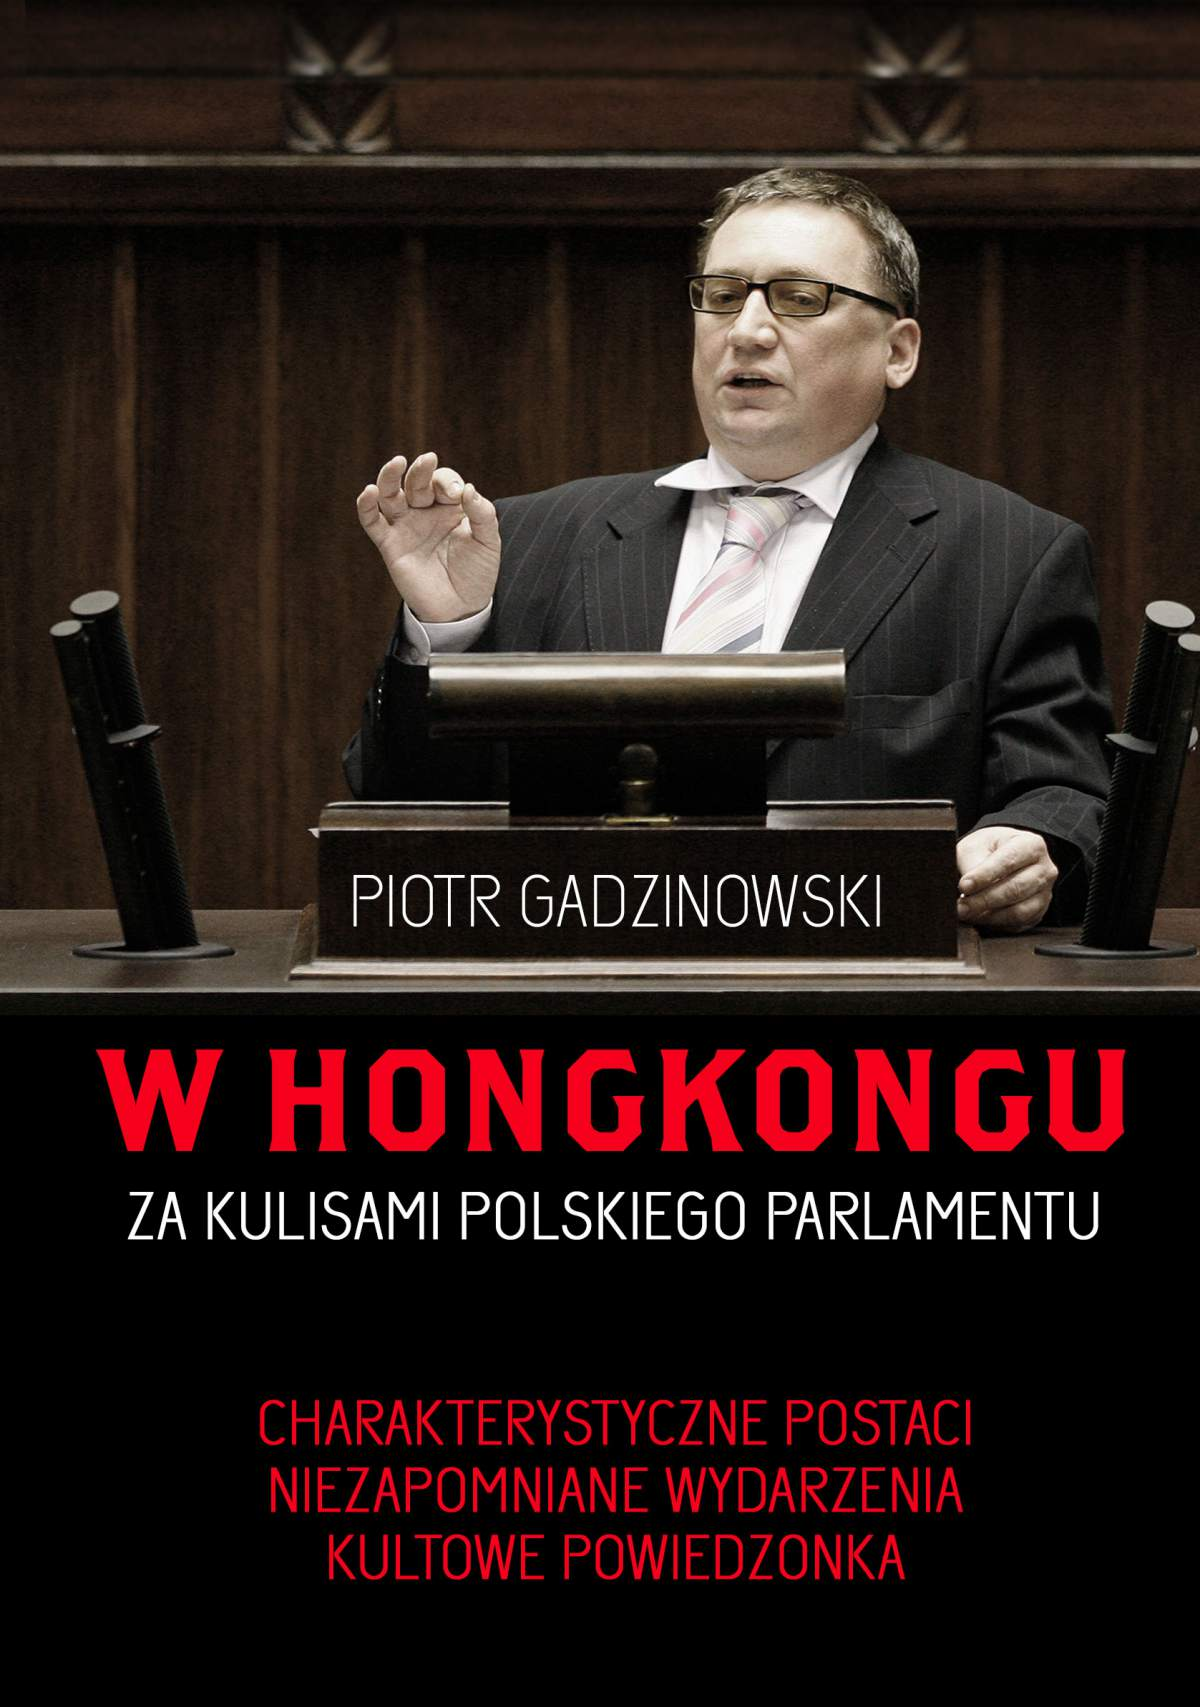 W Hongkongu. Za kulisami polskiego parlamentu - Ebook (Książka EPUB) do pobrania w formacie EPUB